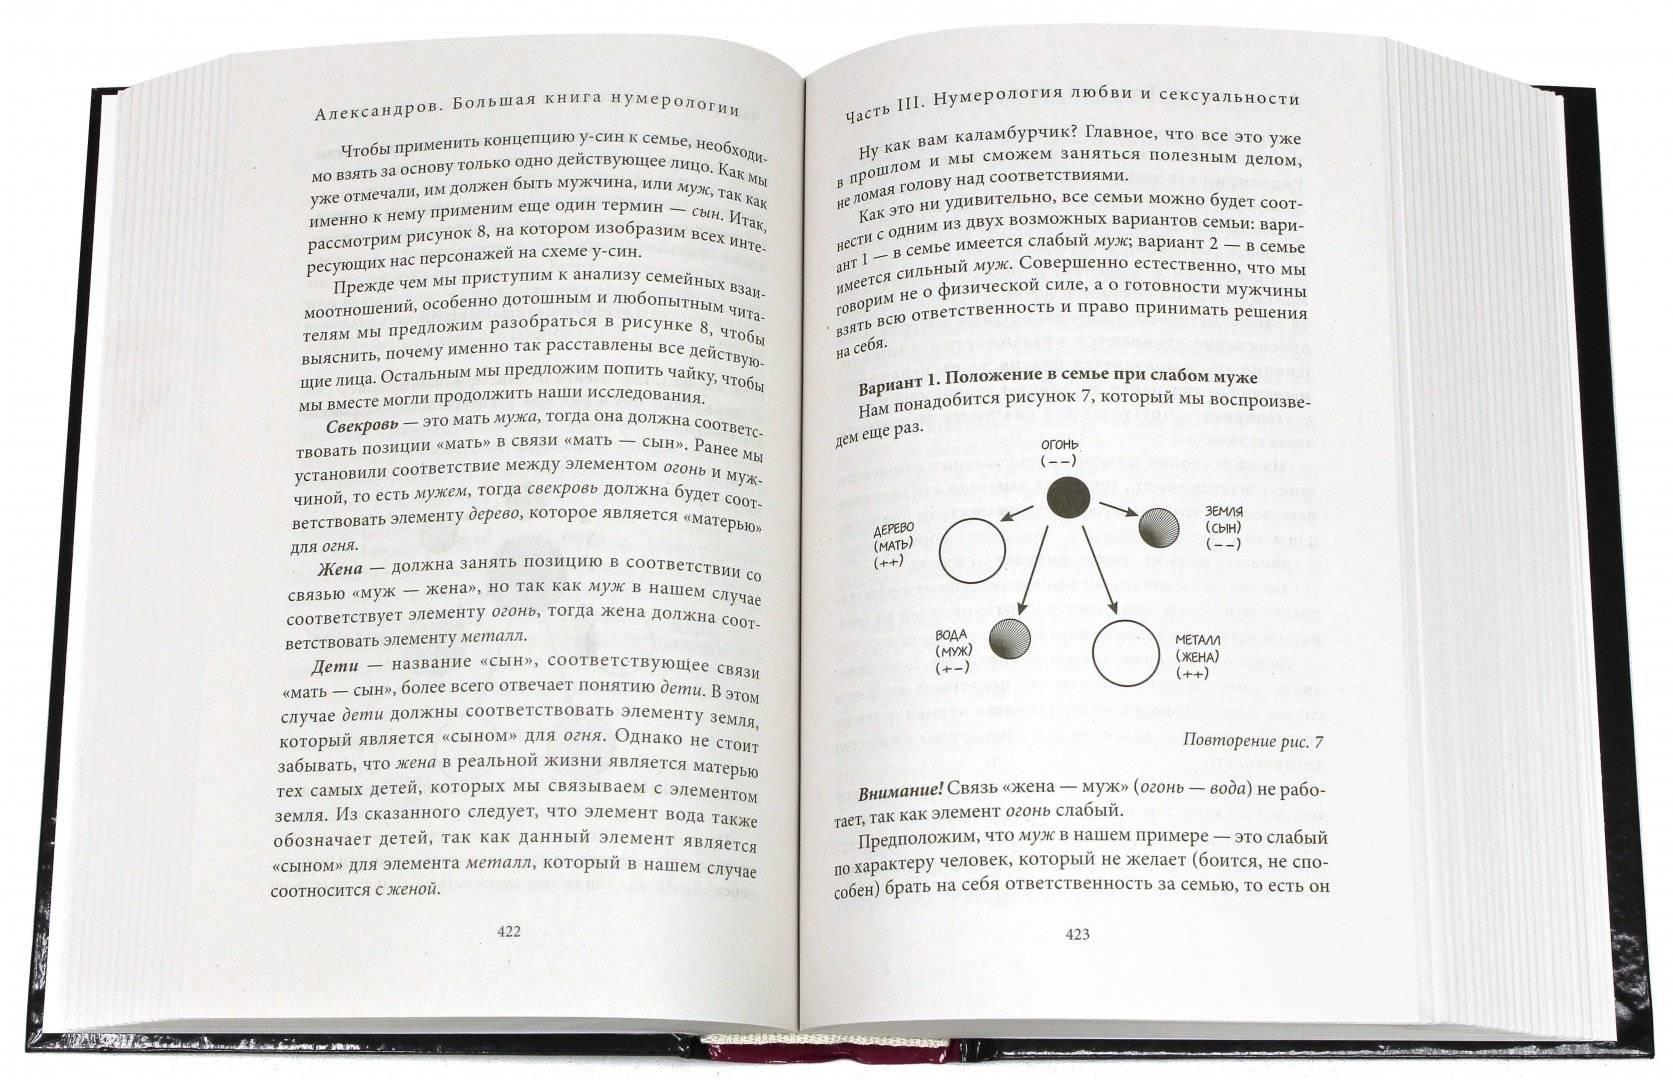 Читать книгу нумерология. самоучитель александра колесникова : онлайн чтение - страница 5